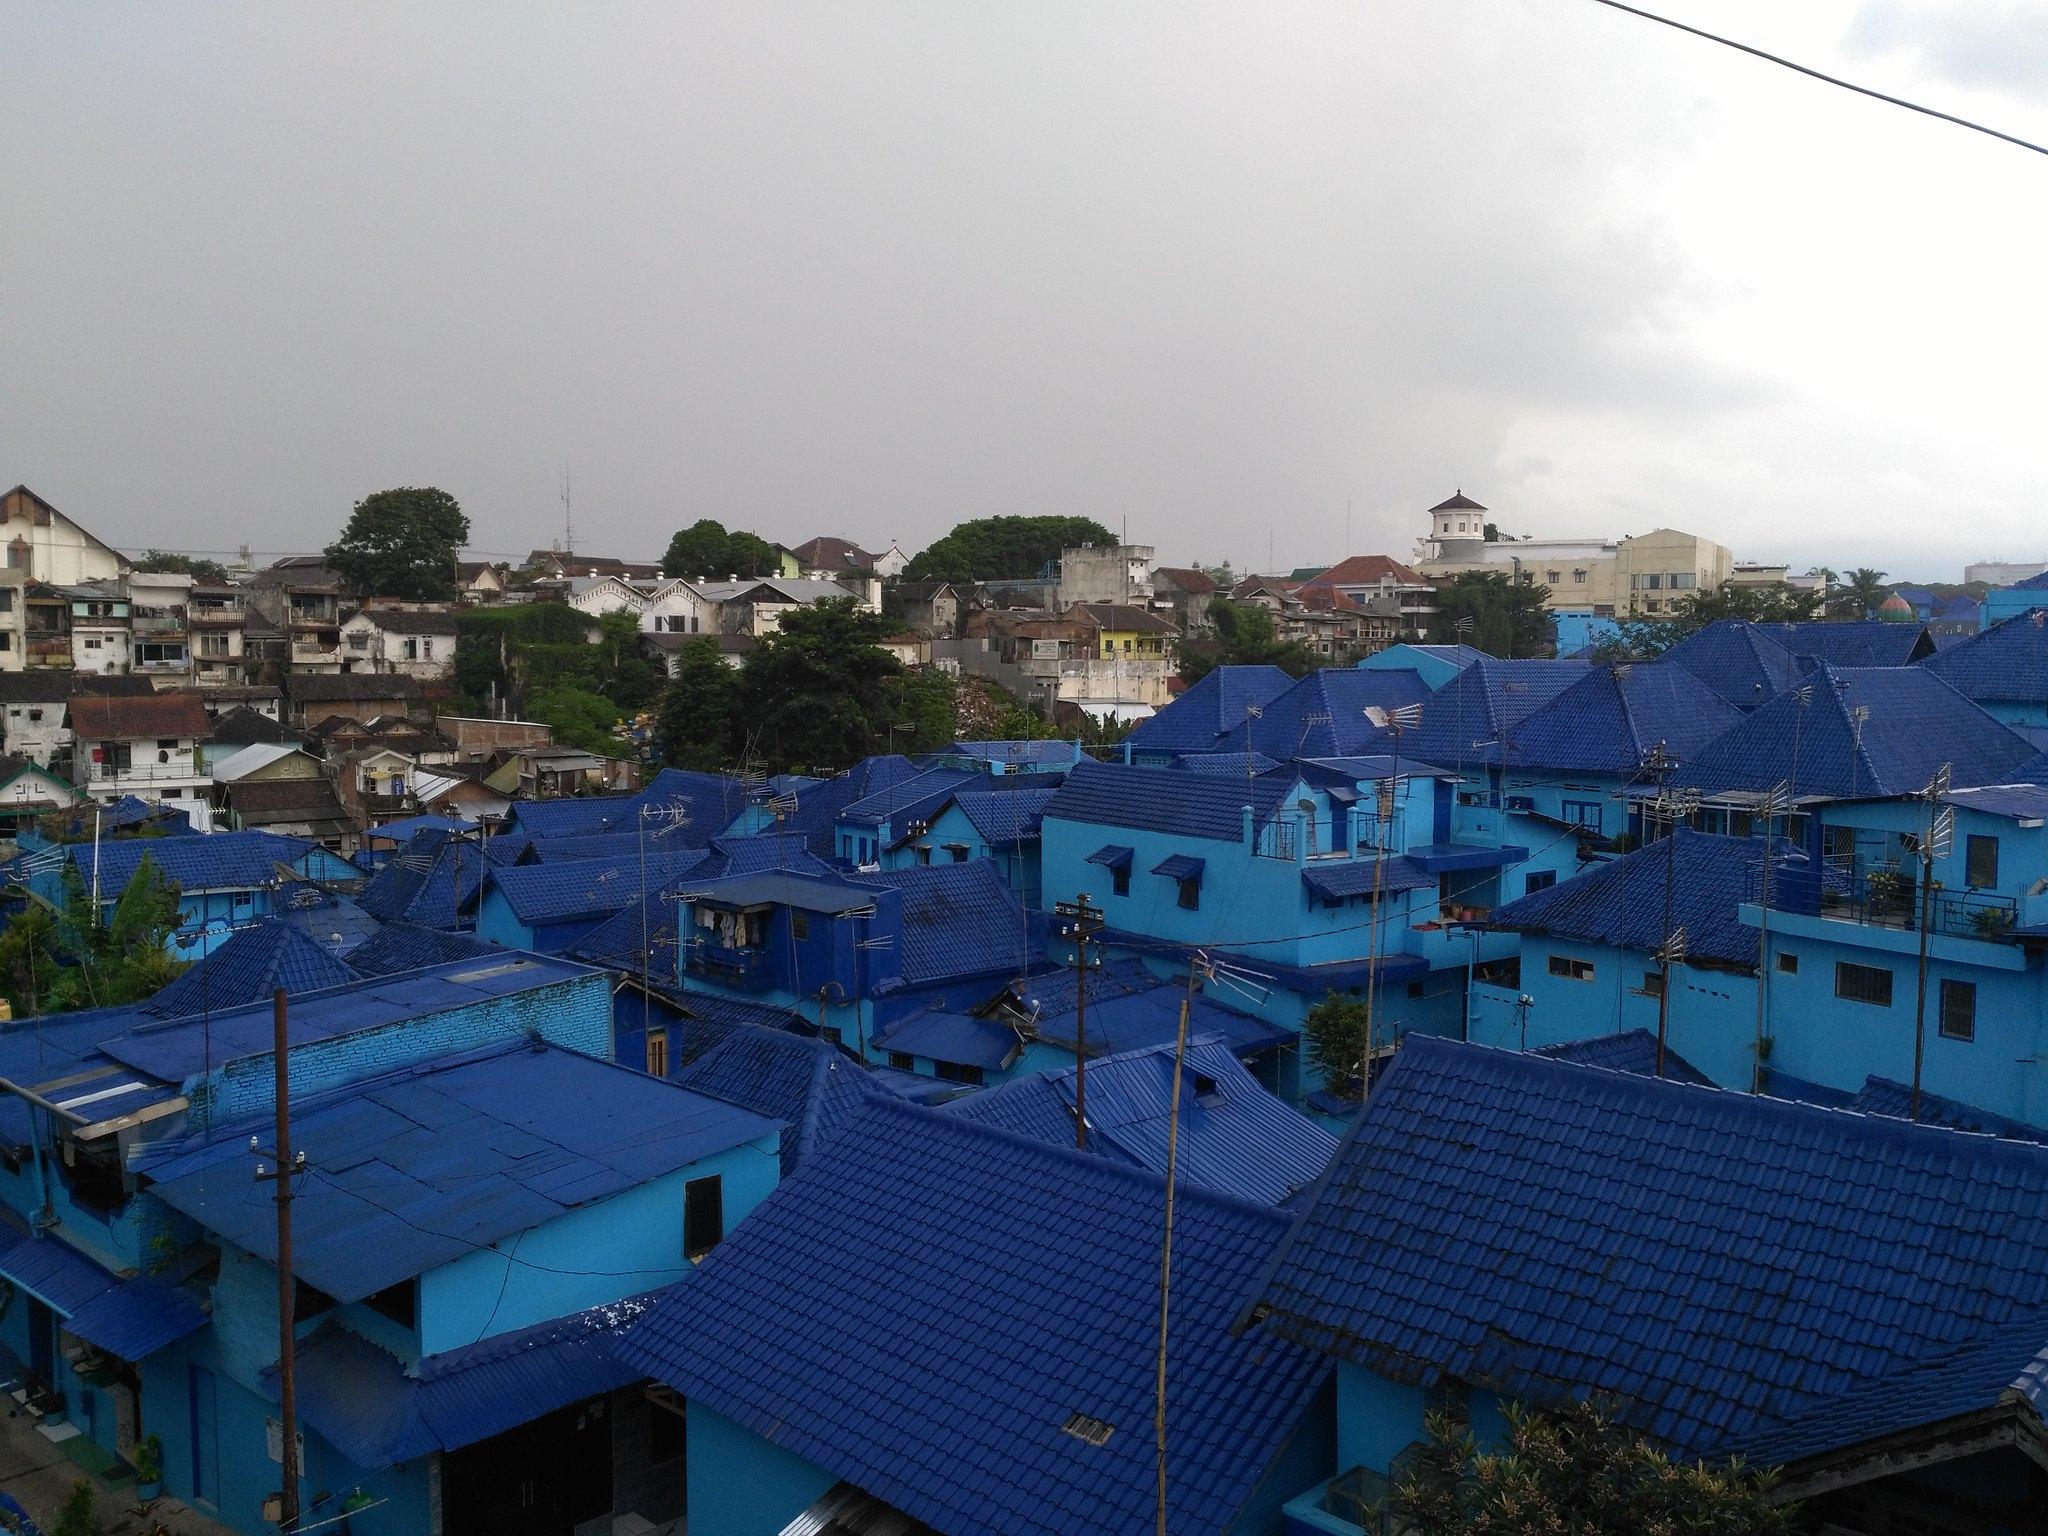 casas azules en Kampung